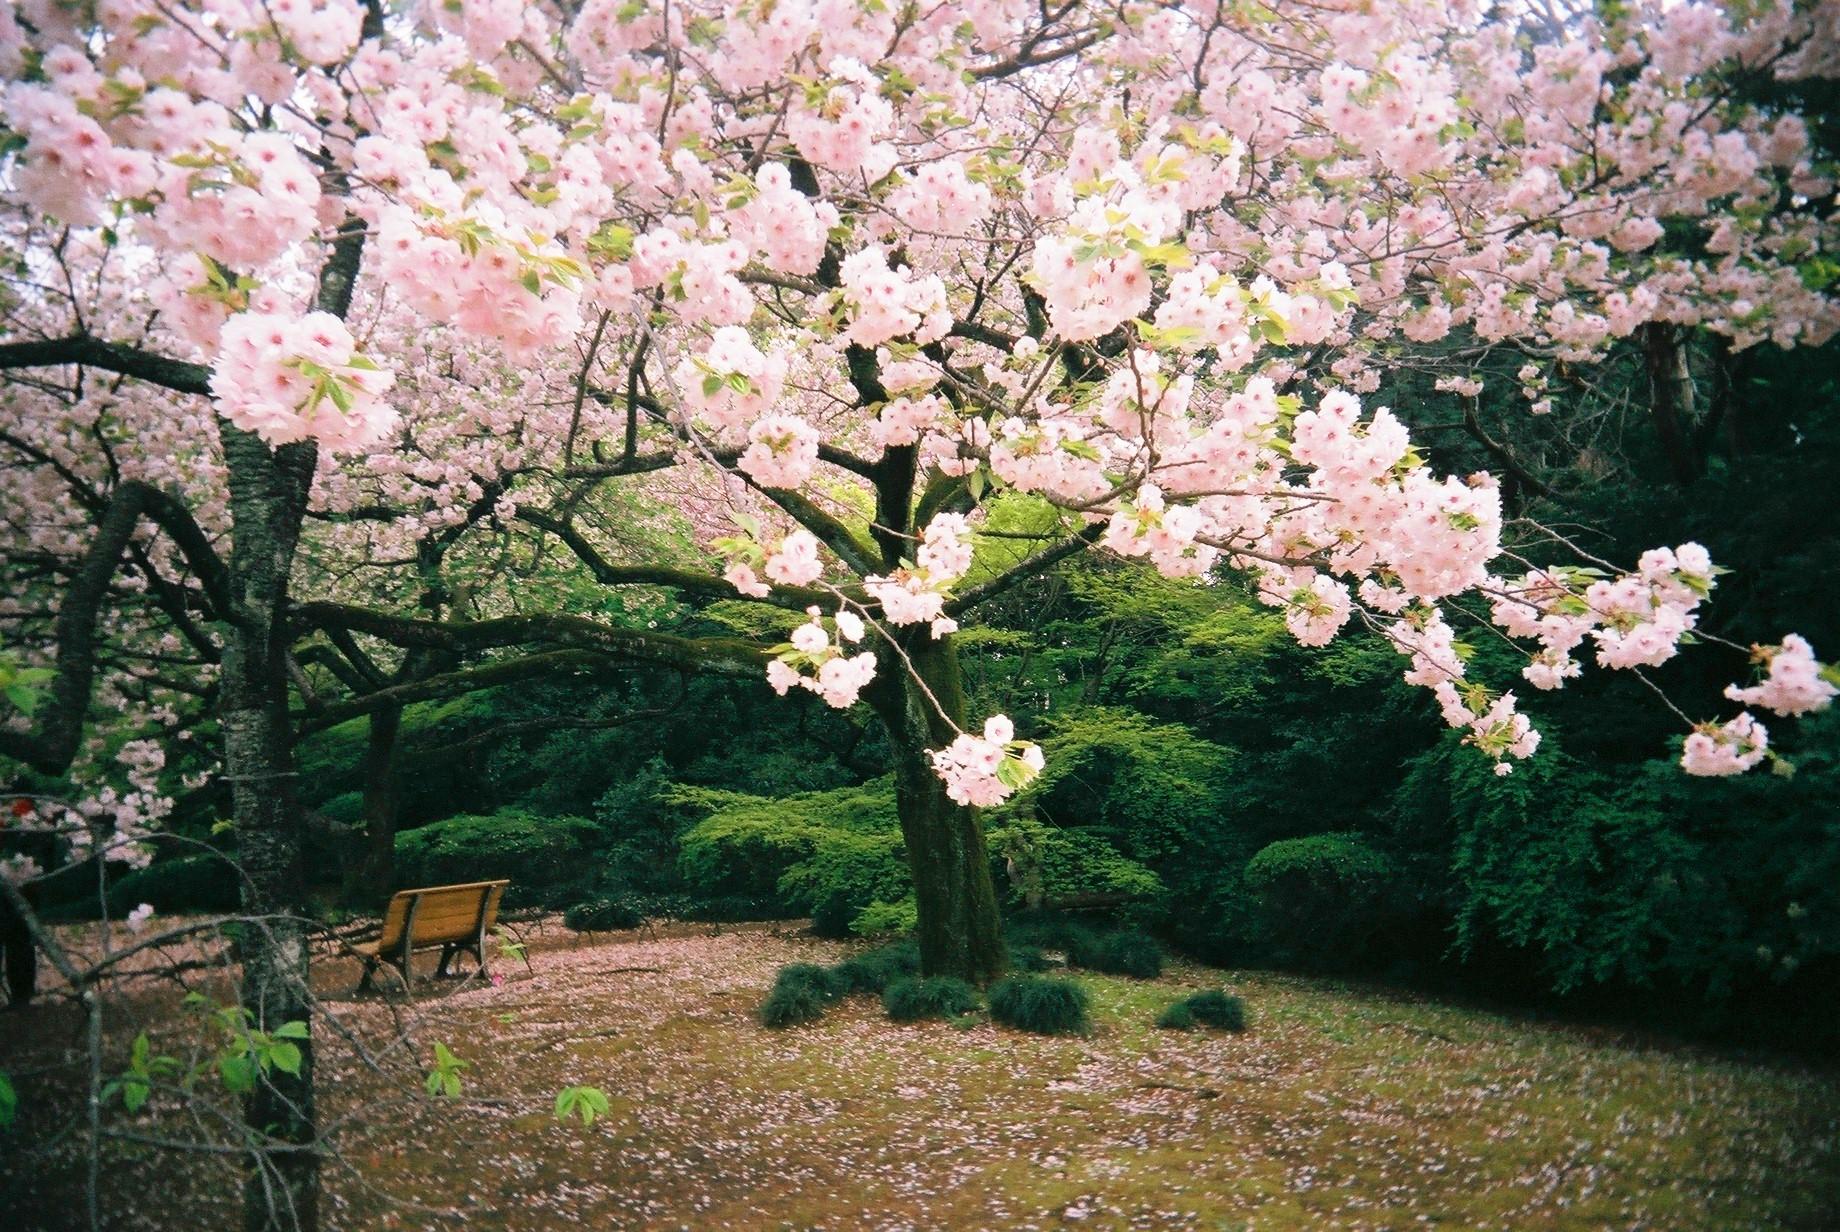 Wallpaper Pemandangan Bunga Sakura